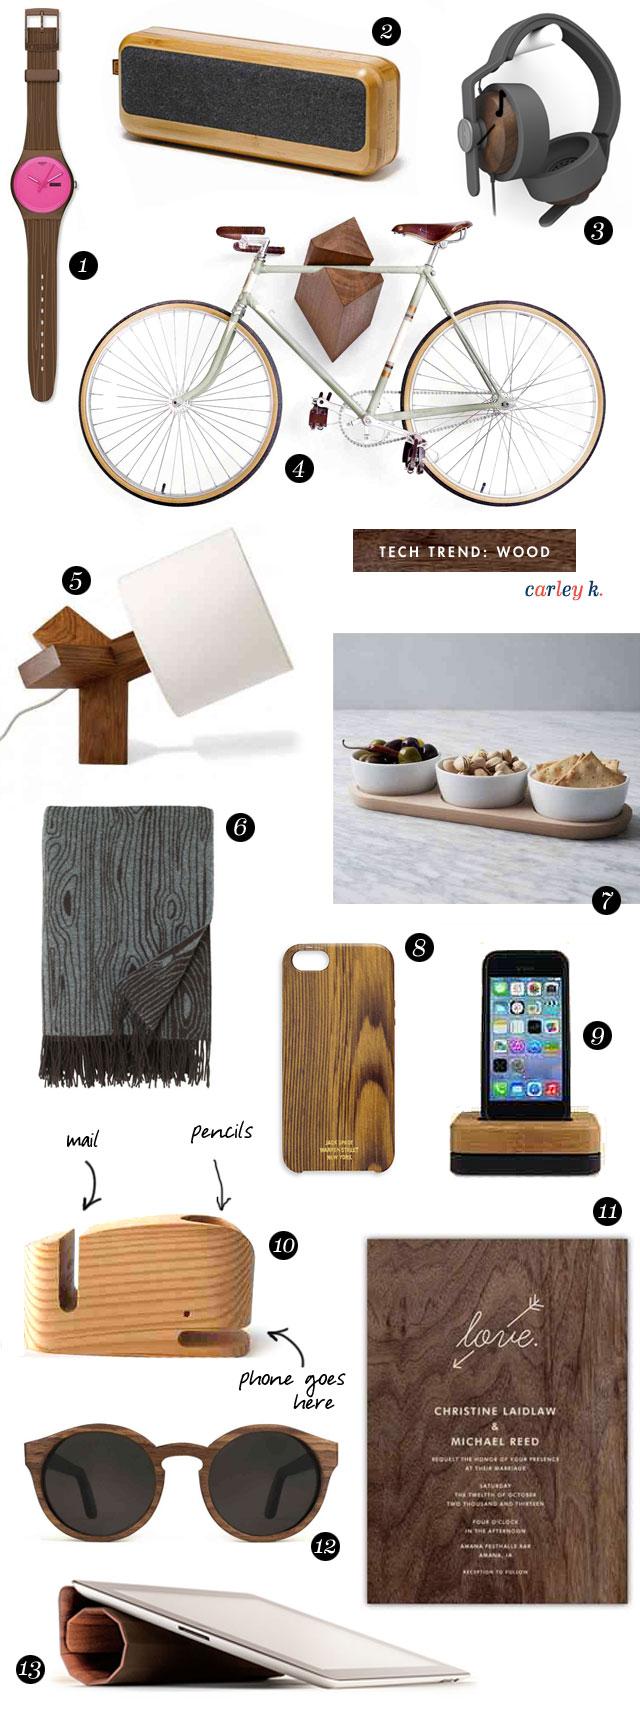 Tech Trend: Wood